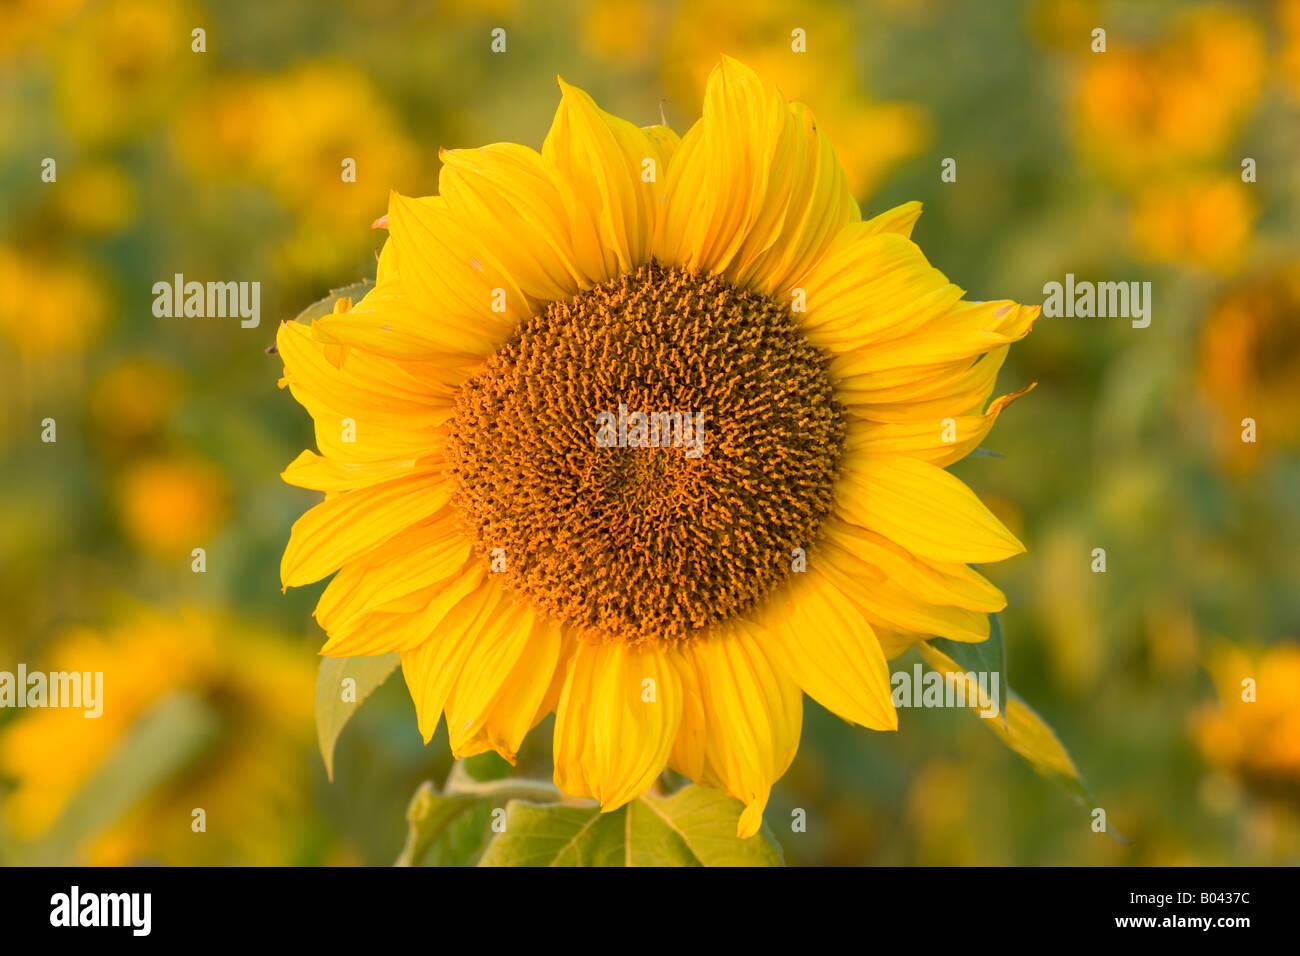 Blüte einer Sonnenblume in ein ganzes Feld von Blumen im letzten Abendlicht Baden-Württemberg Deutschland Stockbild